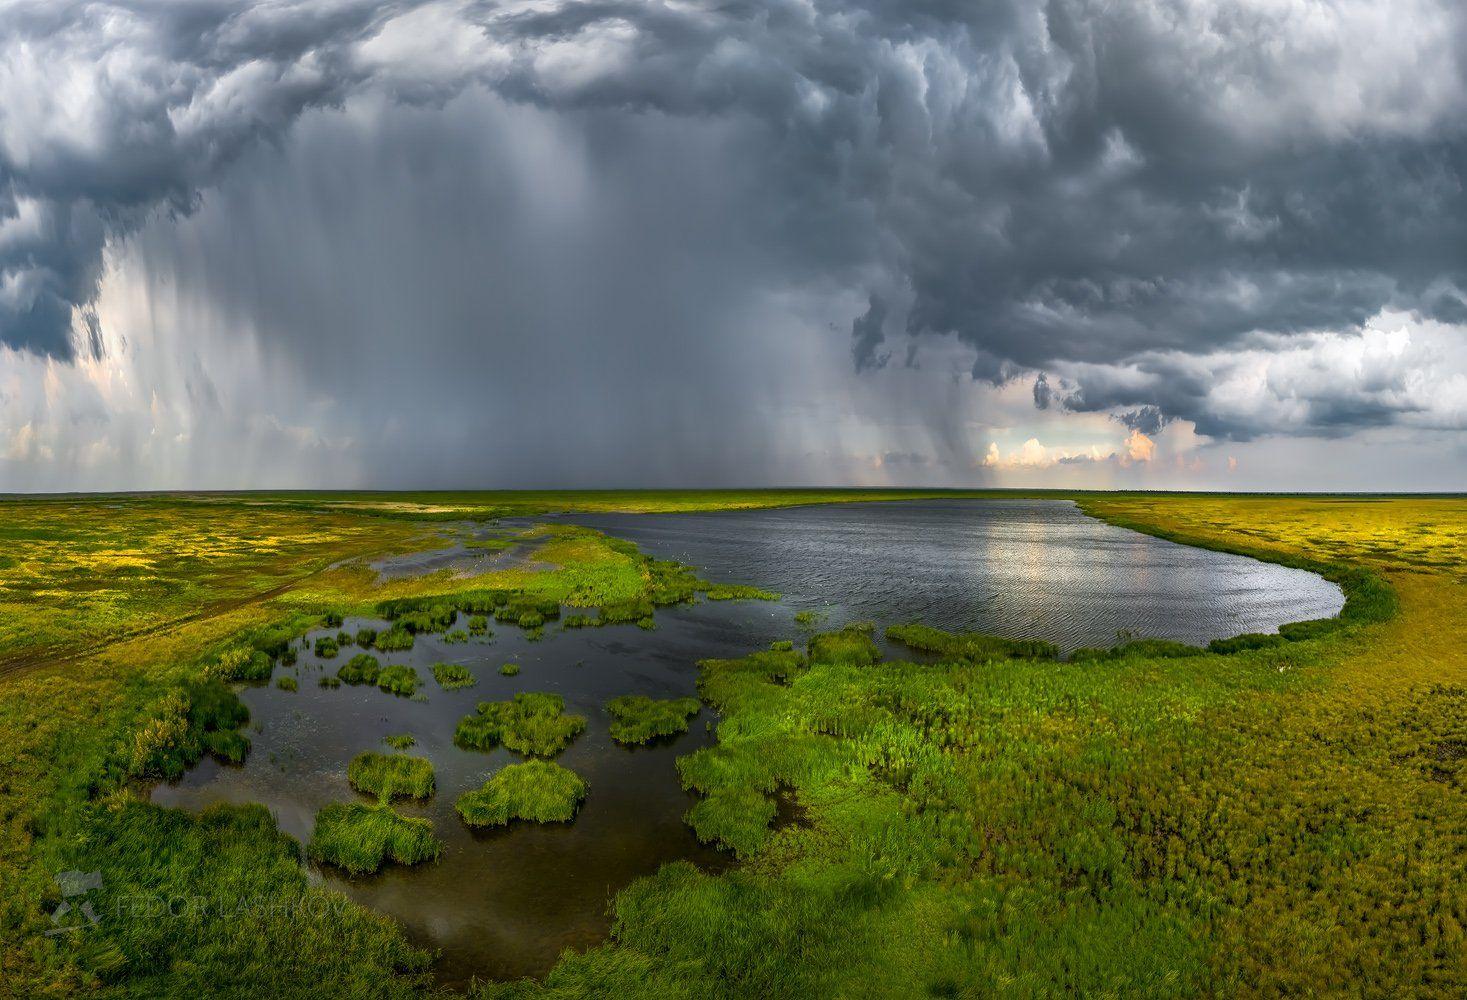 Ставропольский край, путешествие, Mavic, квадрокоптер, аэросъёмка, полёт, озеро, болото, Бурукшинский, заказник, тучи, облака, небо, гроза, фронт, ливень, дождь, непогода, тростник, , Лашков Фёдор